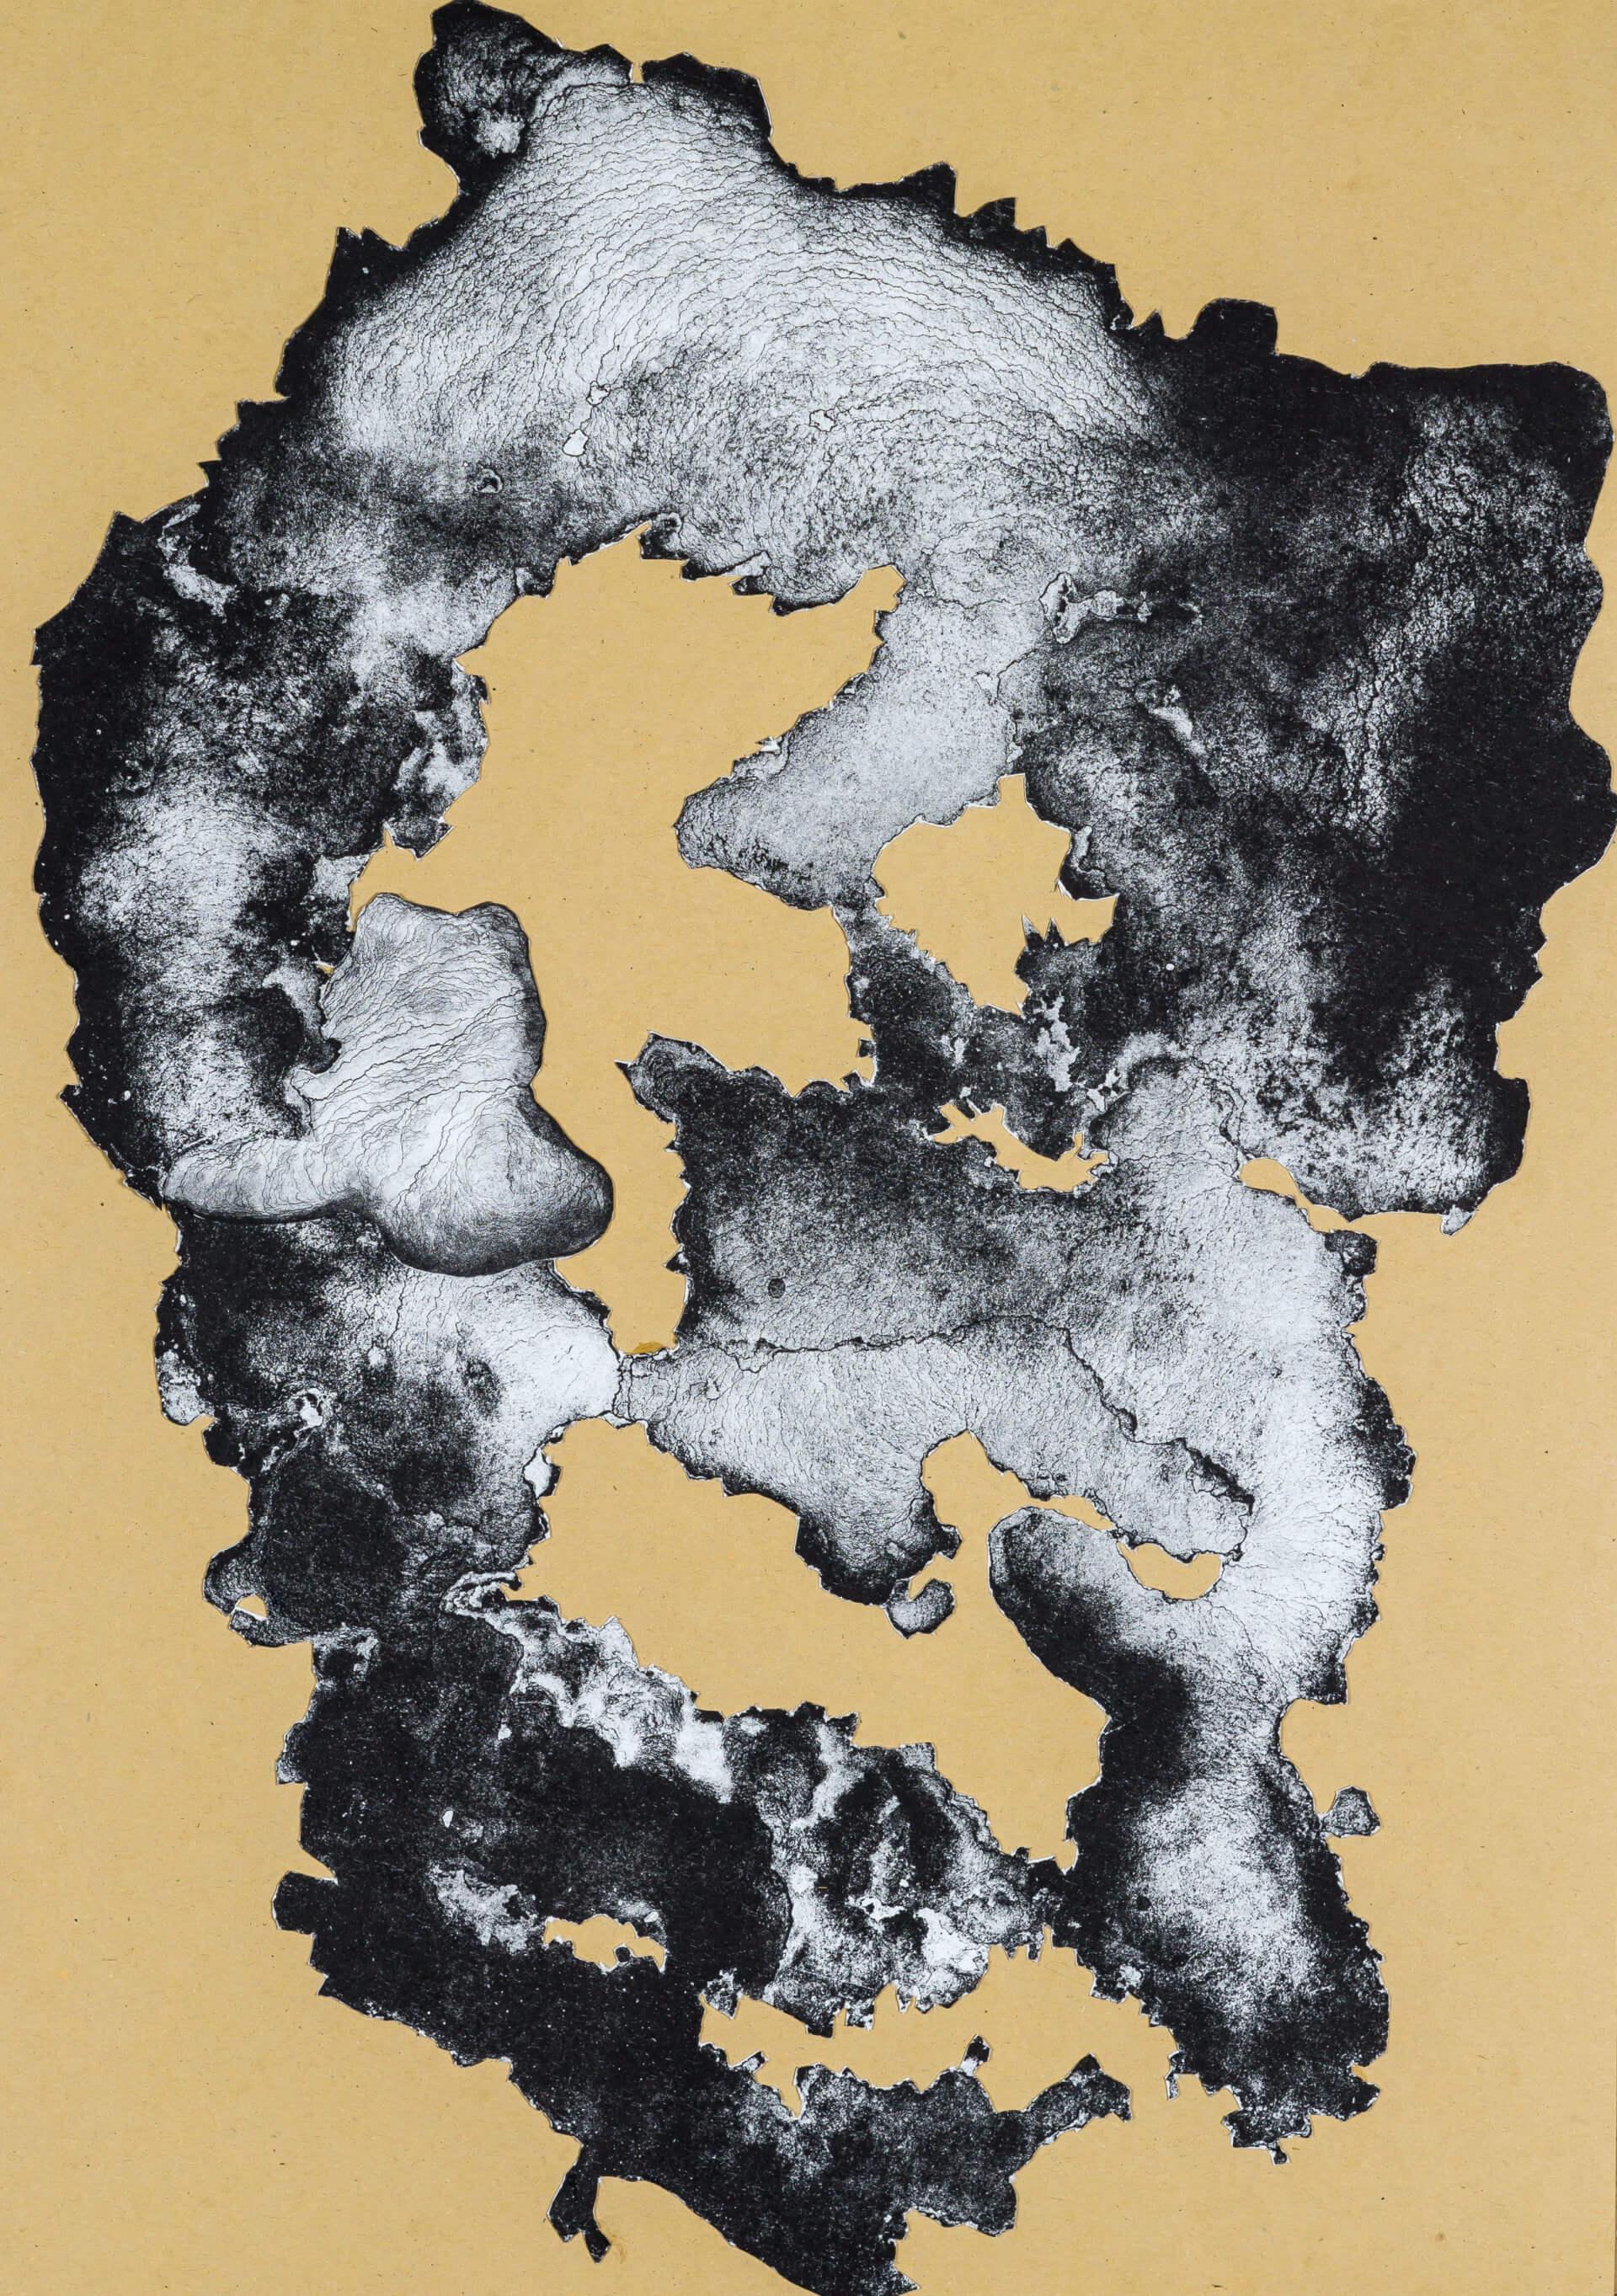 organism (cr) IX, 2018, Lithographiecollage auf Papier, Unikat, 41,5x30cm